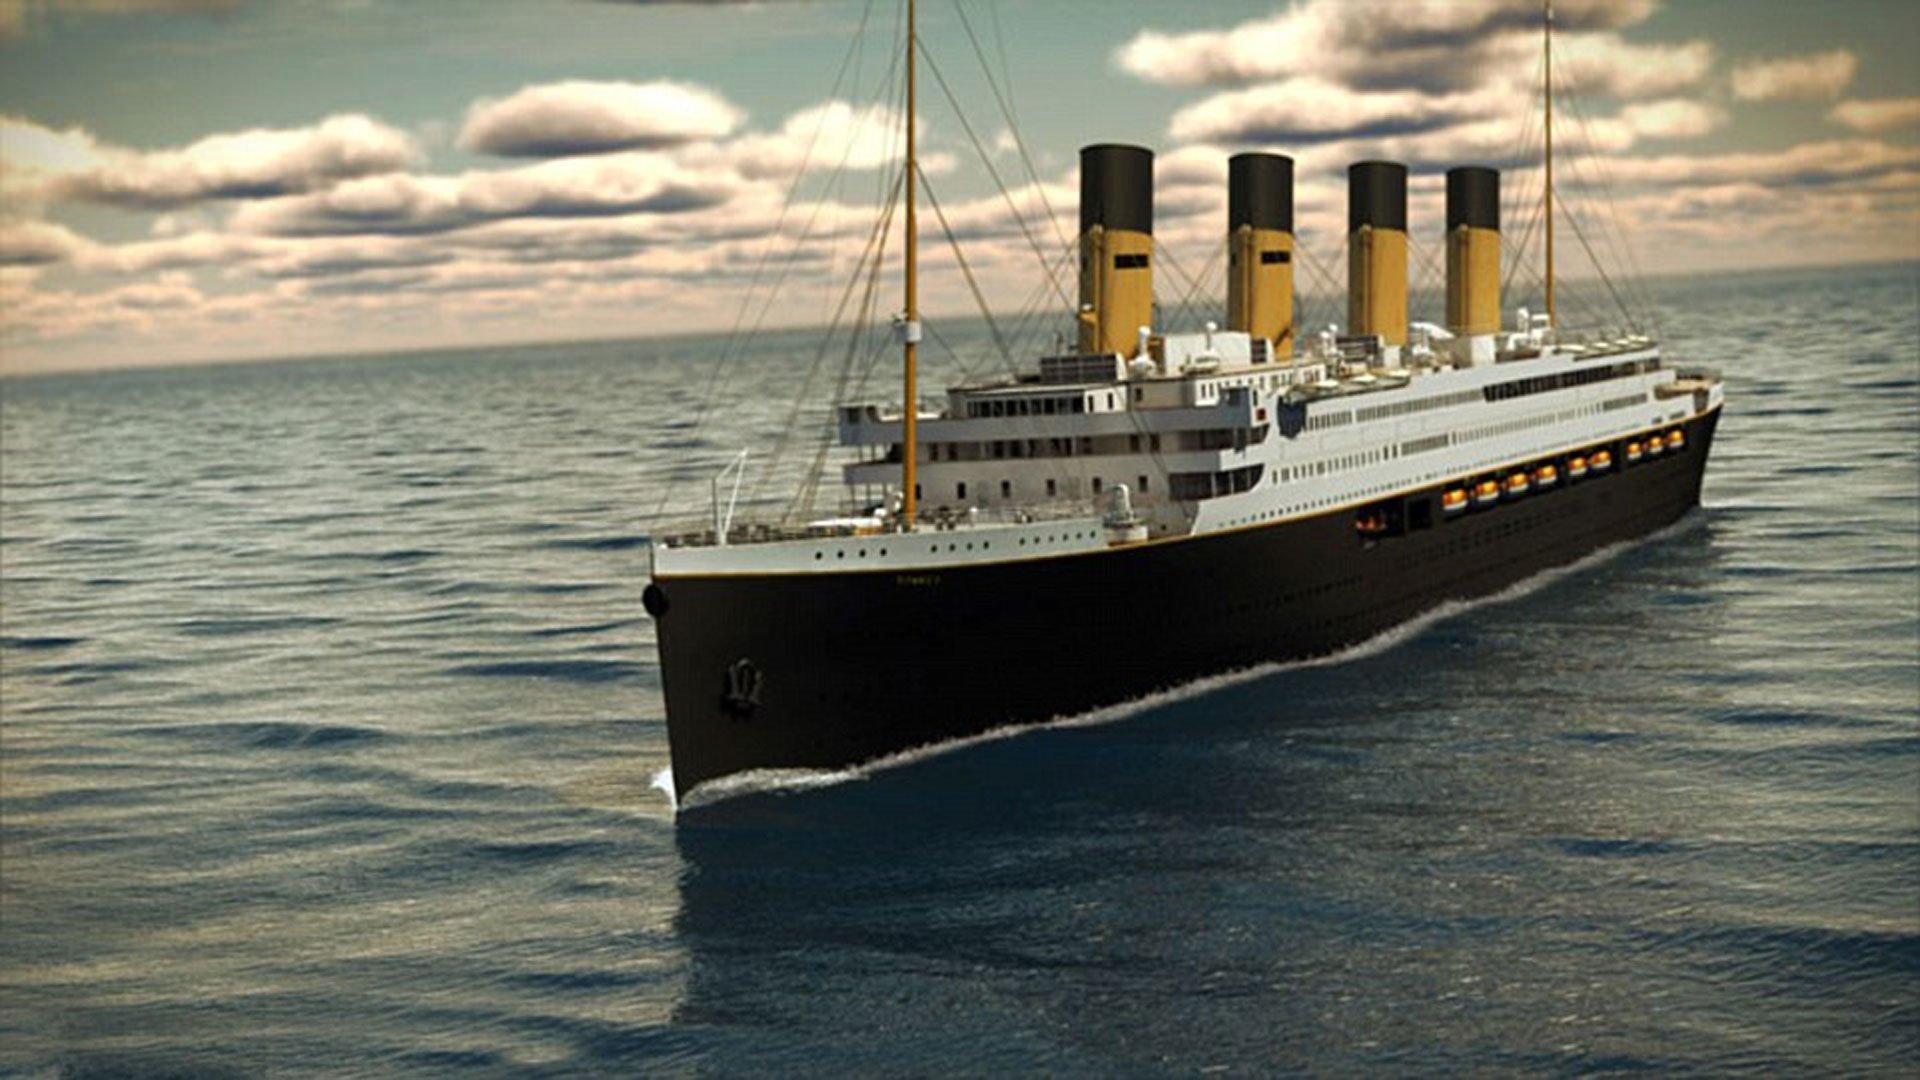 En 2022, el Titanic 2, una réplica del original, navegará a Nueva York